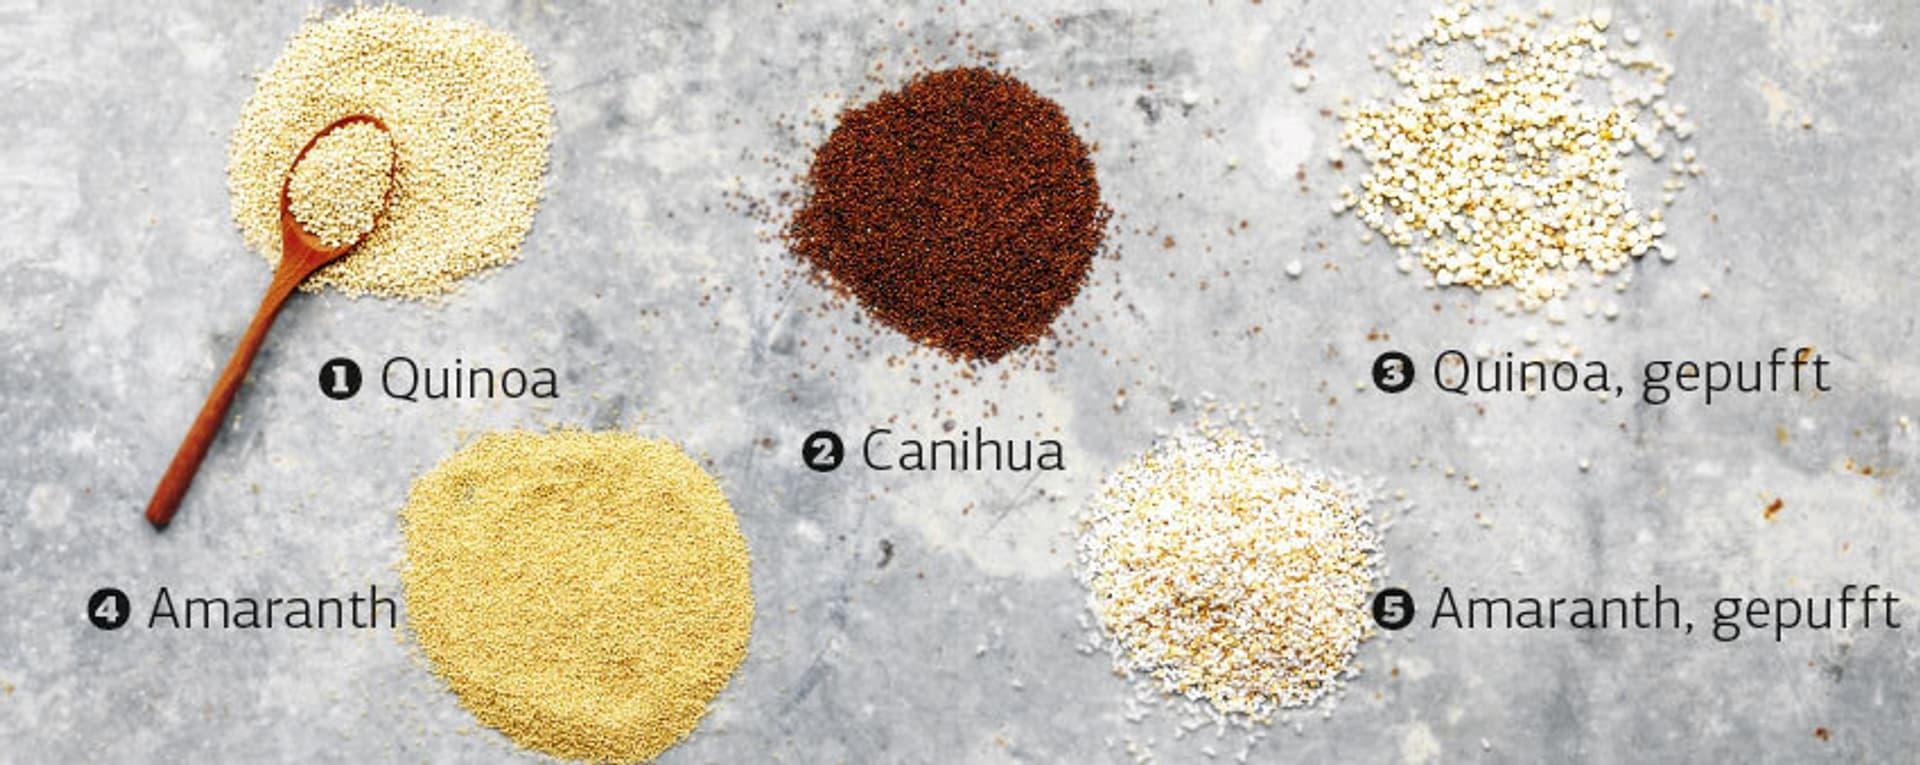 Gen quinoa tippkasten